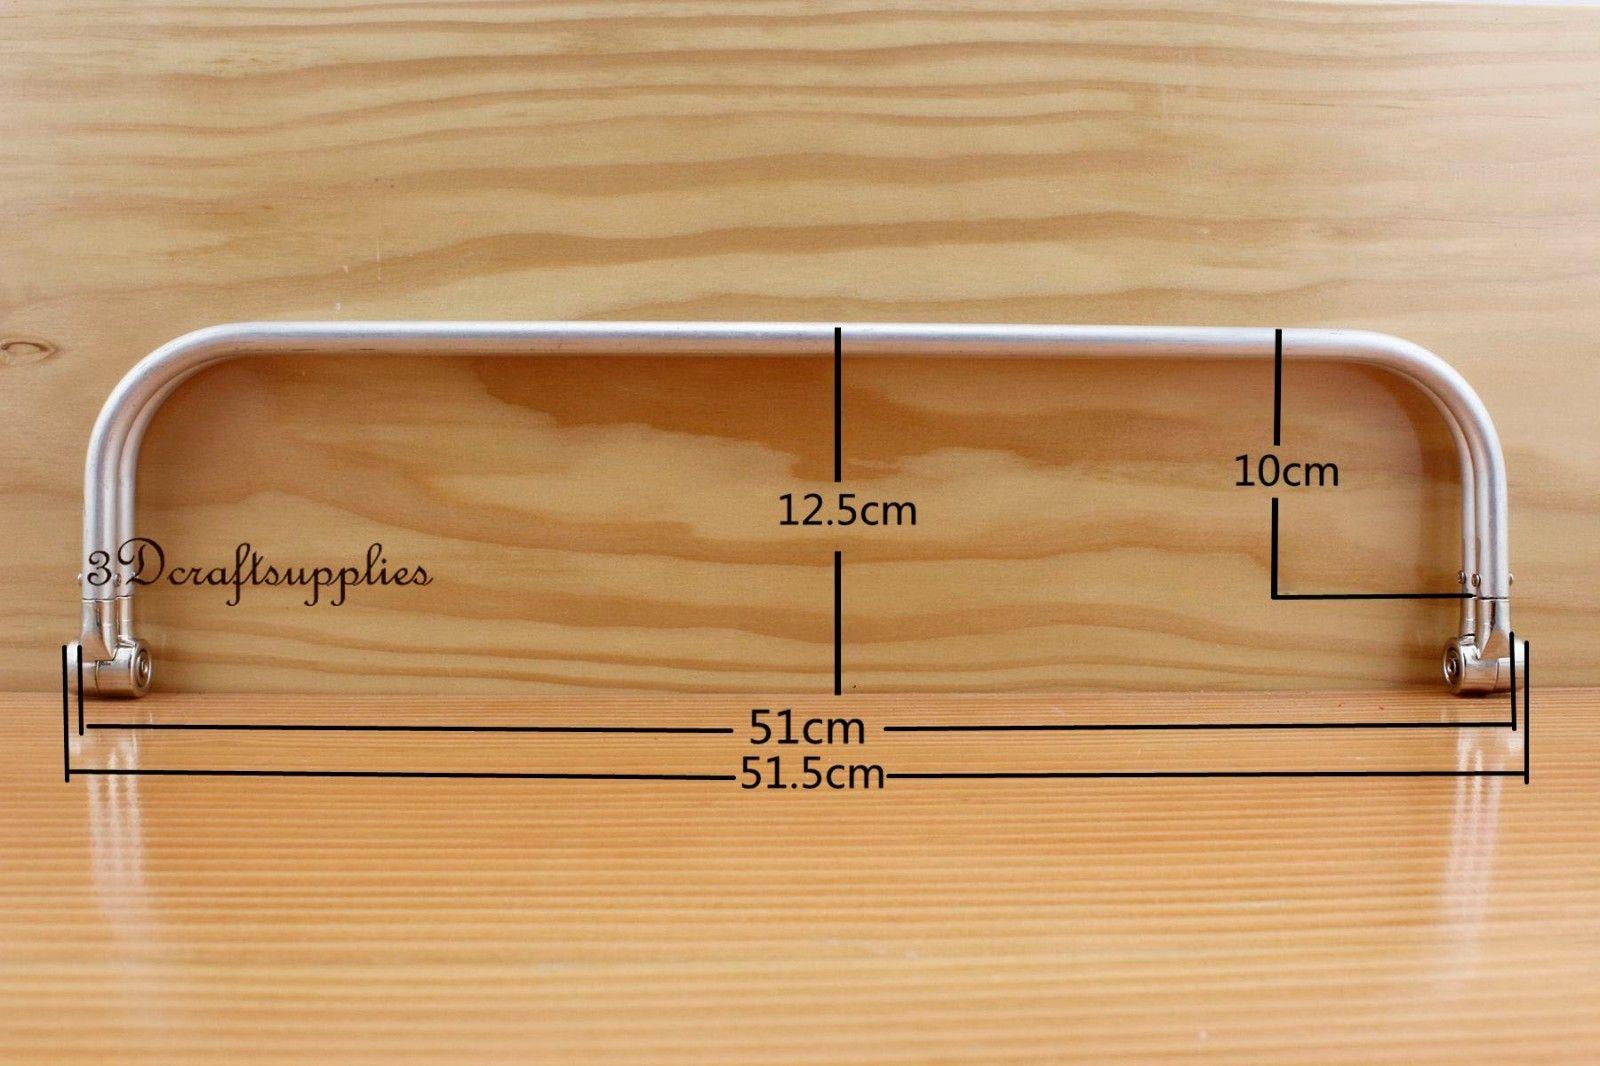 20นิ้วกรอบโลหะอลูมิเนียมท่อภายในบานพับกระเป๋ากรอบกรอบZ6